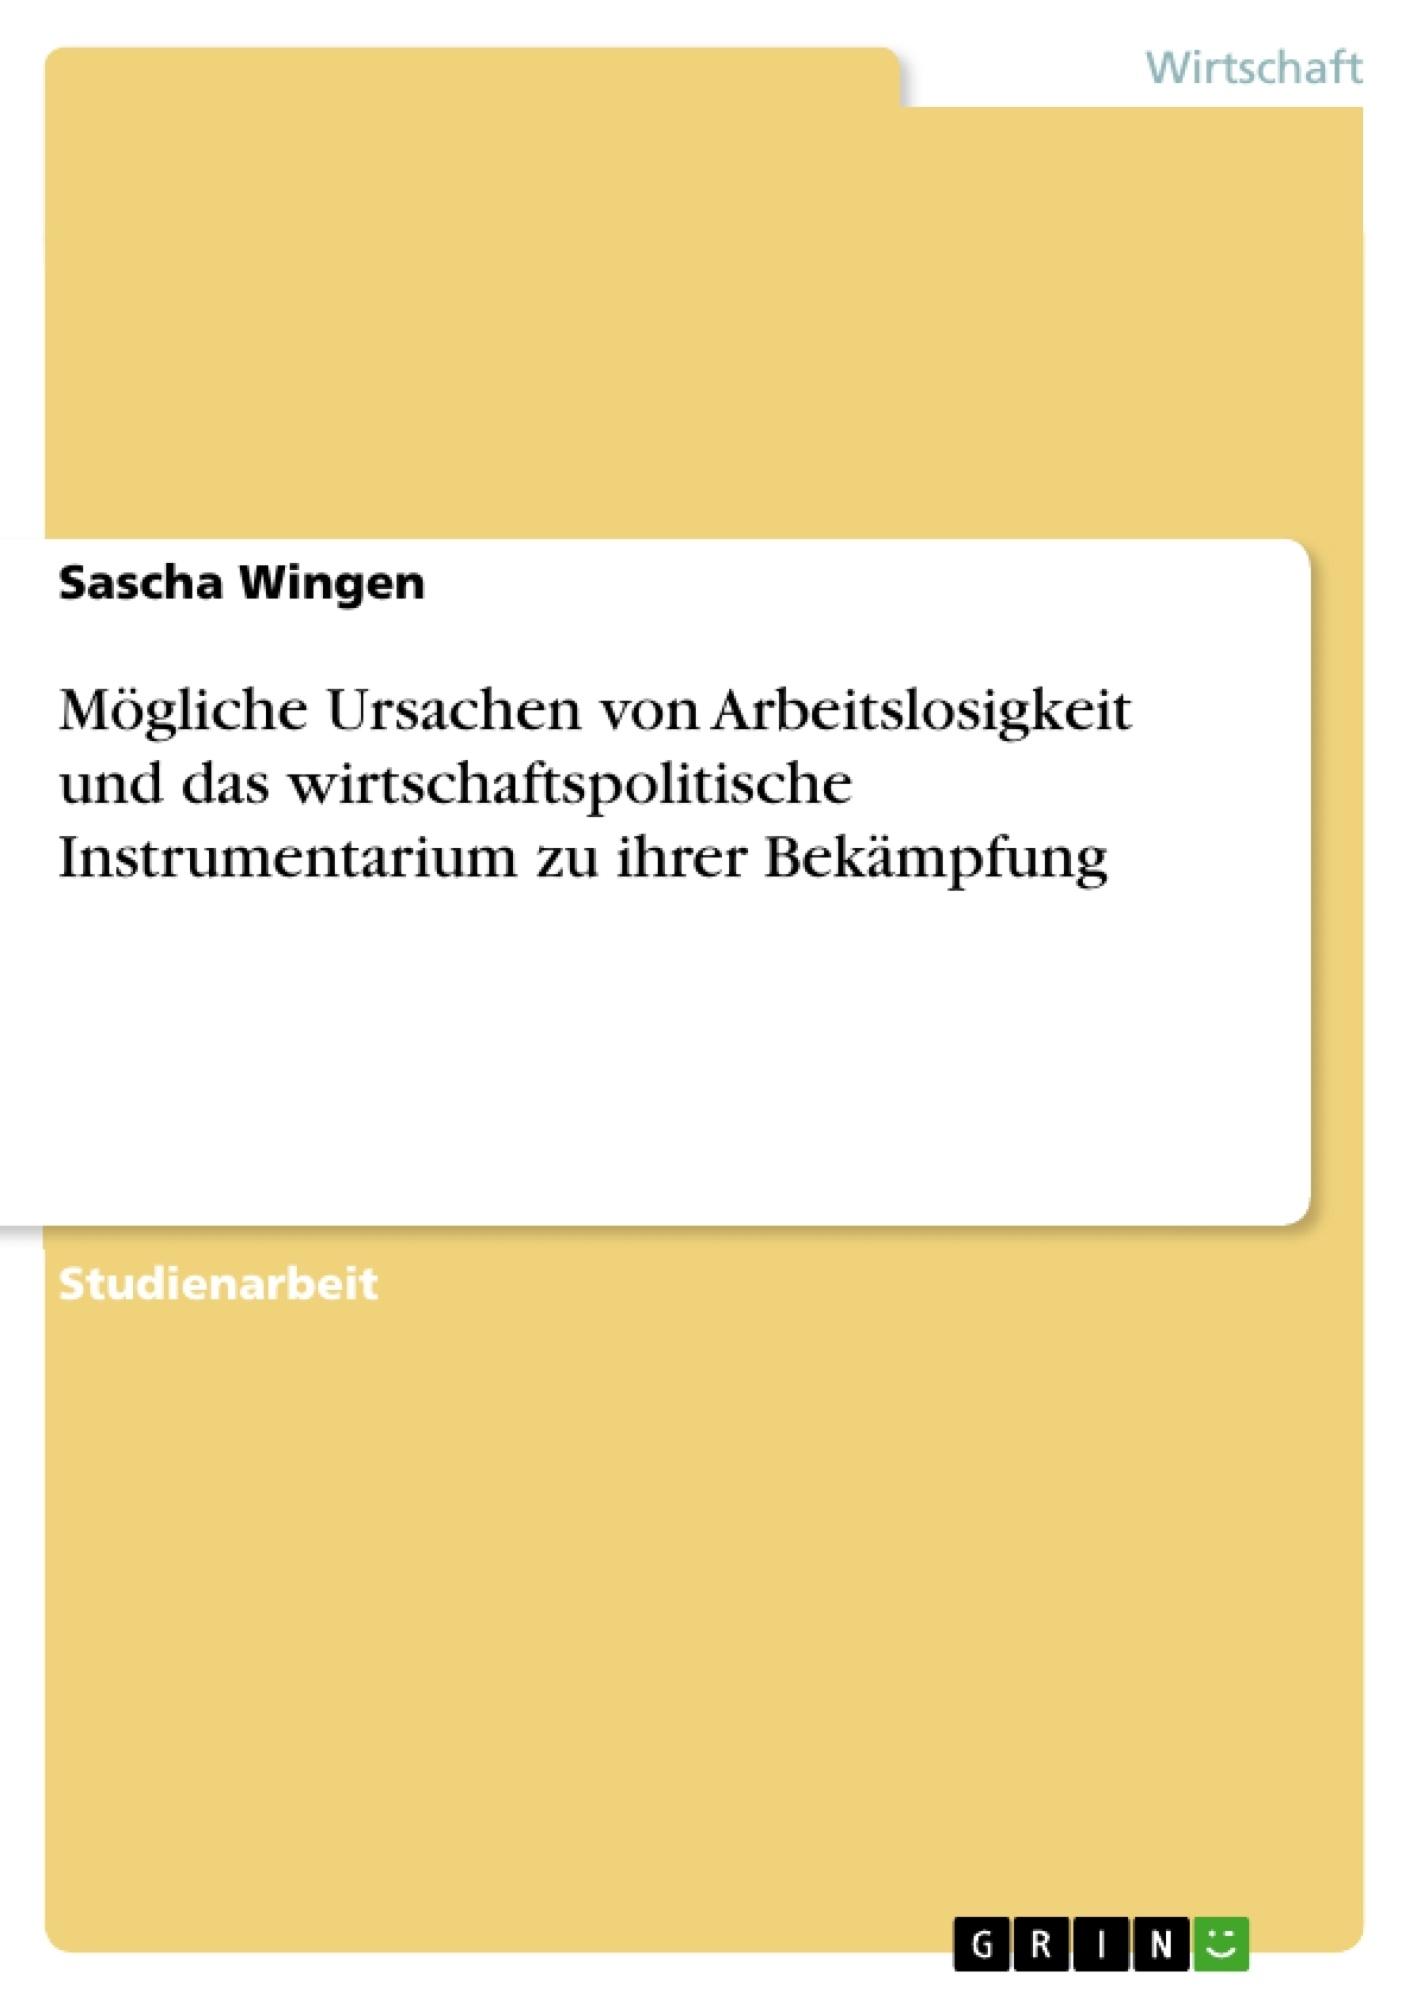 Titel: Mögliche Ursachen von Arbeitslosigkeit und das wirtschaftspolitische Instrumentarium zu ihrer Bekämpfung